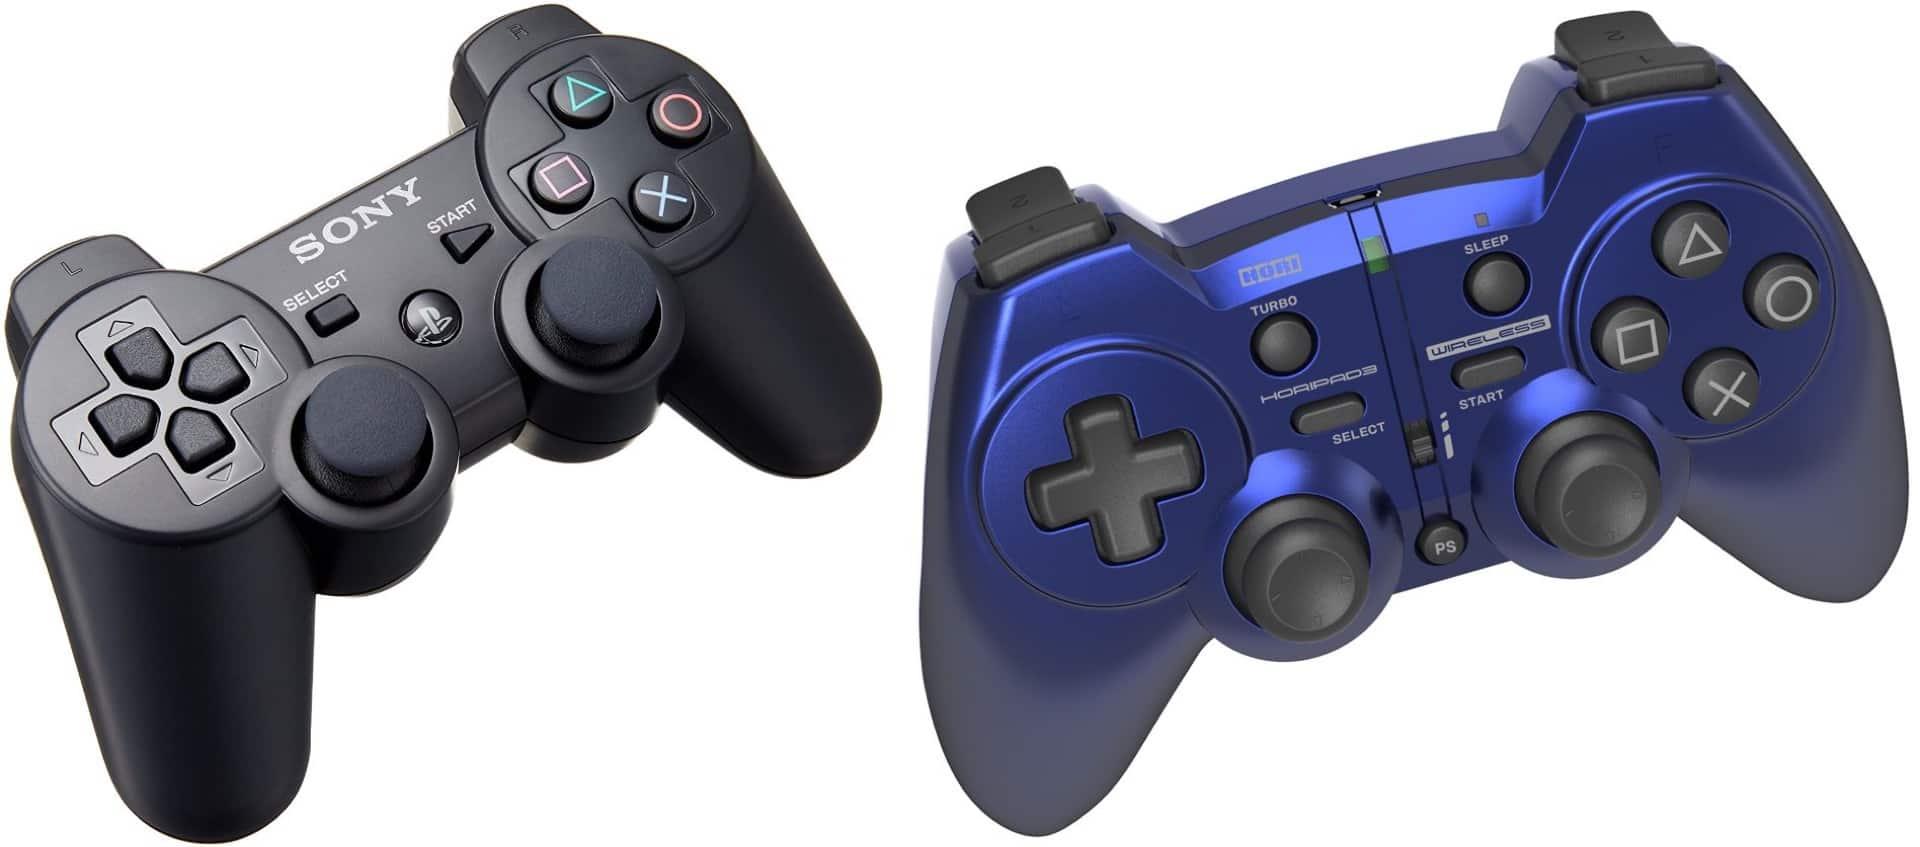 純正品のPS3コントローラーと非純正品のPS3コントローラー